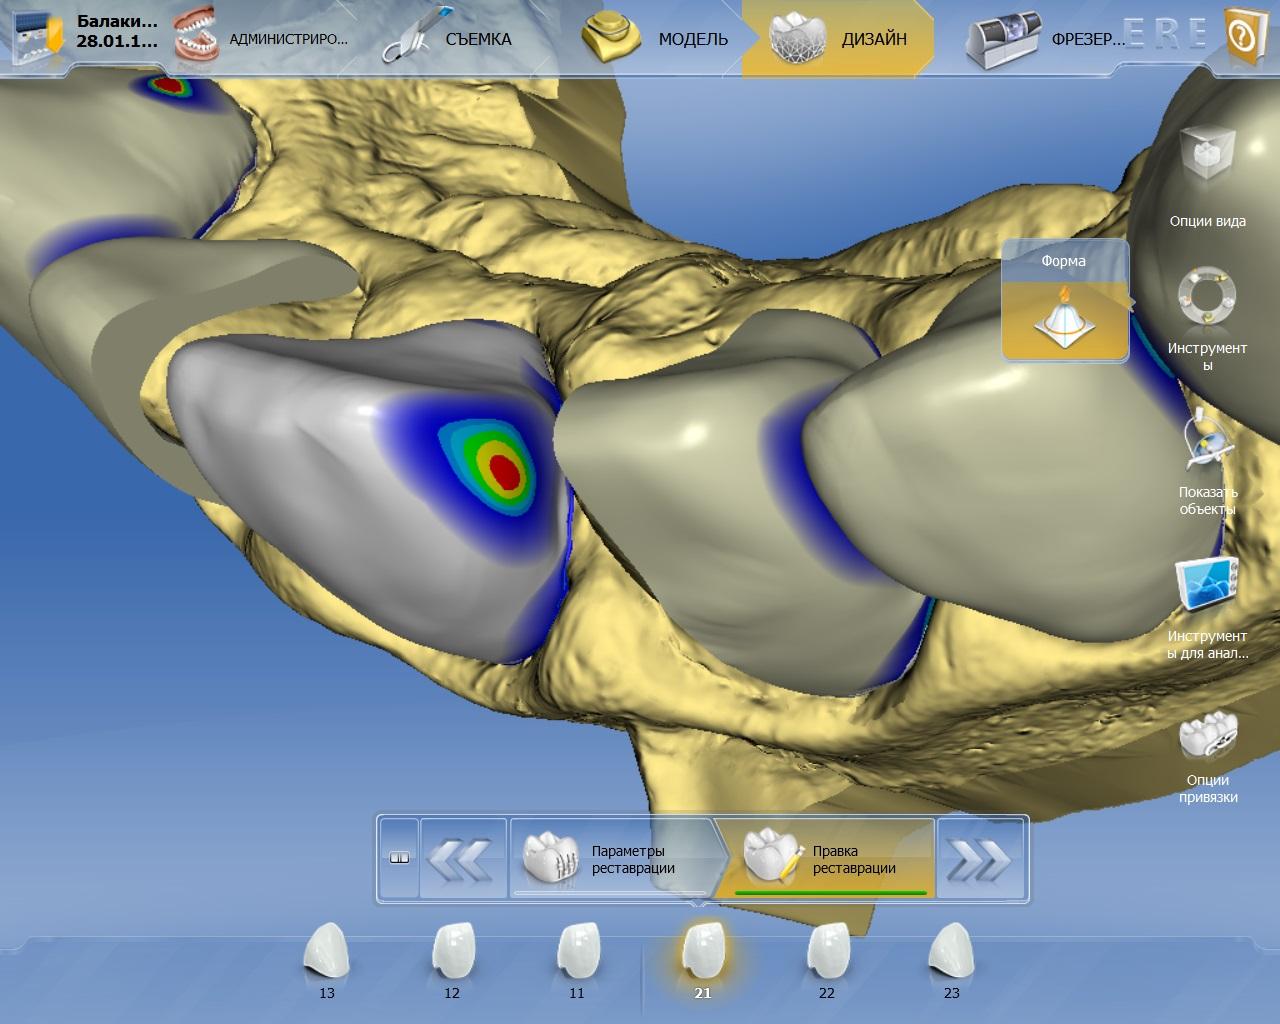 Интерфейс программного обеспечения CEREC. 3D-модель. Разными цветами обозначены места иплотность контактов. Красная точка означает слишком плотный контакт ссоседним зубом.